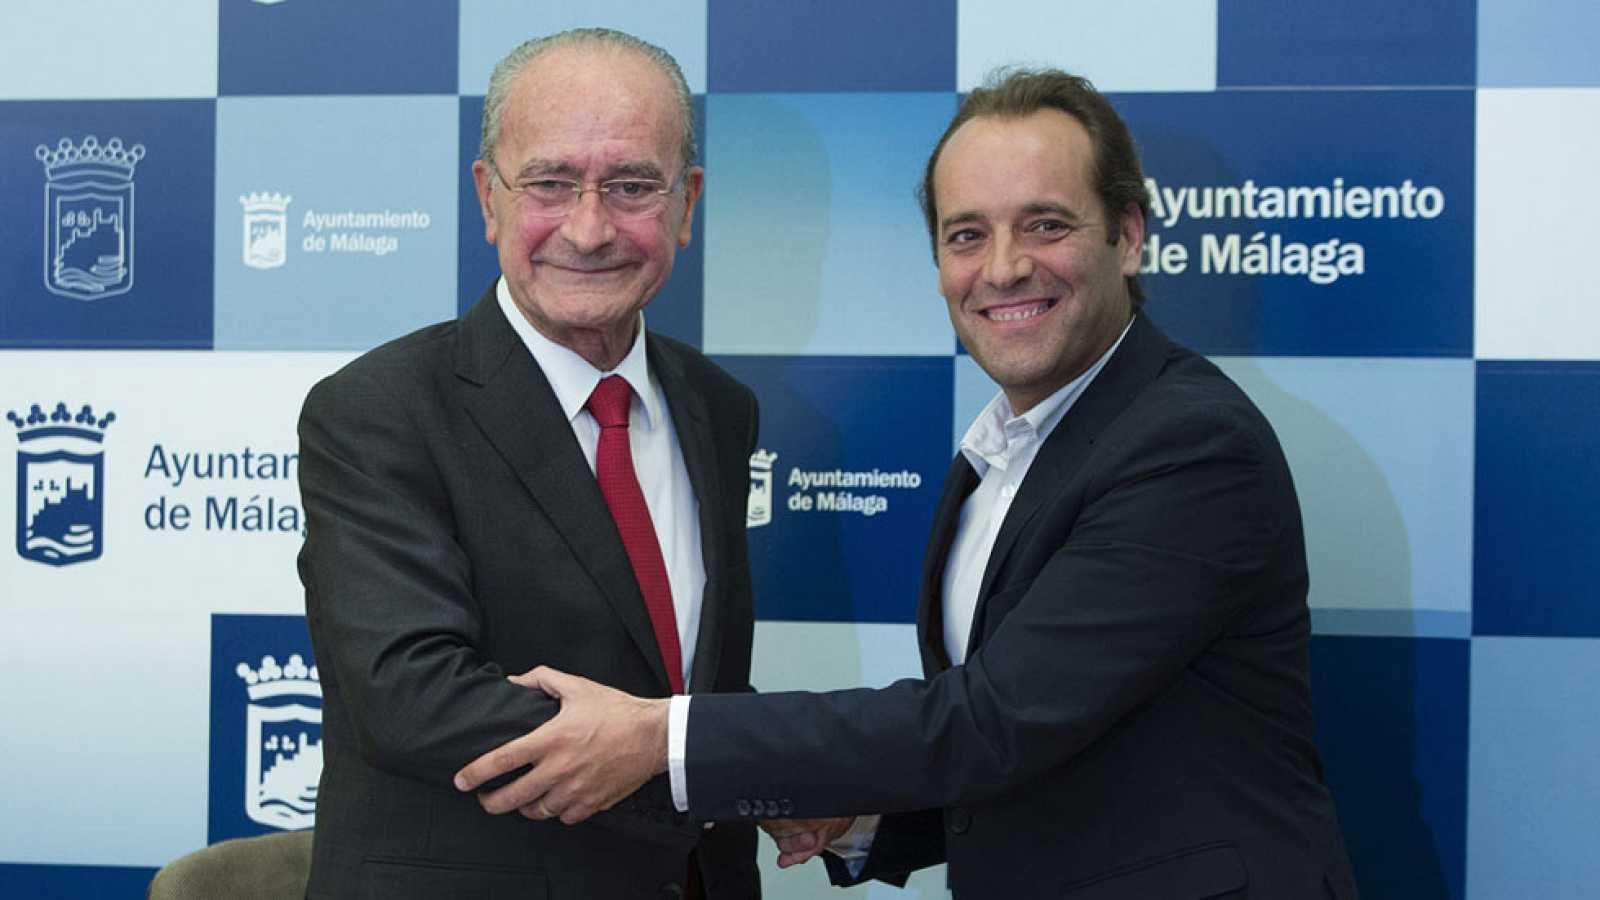 El popular Francisco de la Torre continúa de alcalde de Málaga con el respaldo de Ciudadanos